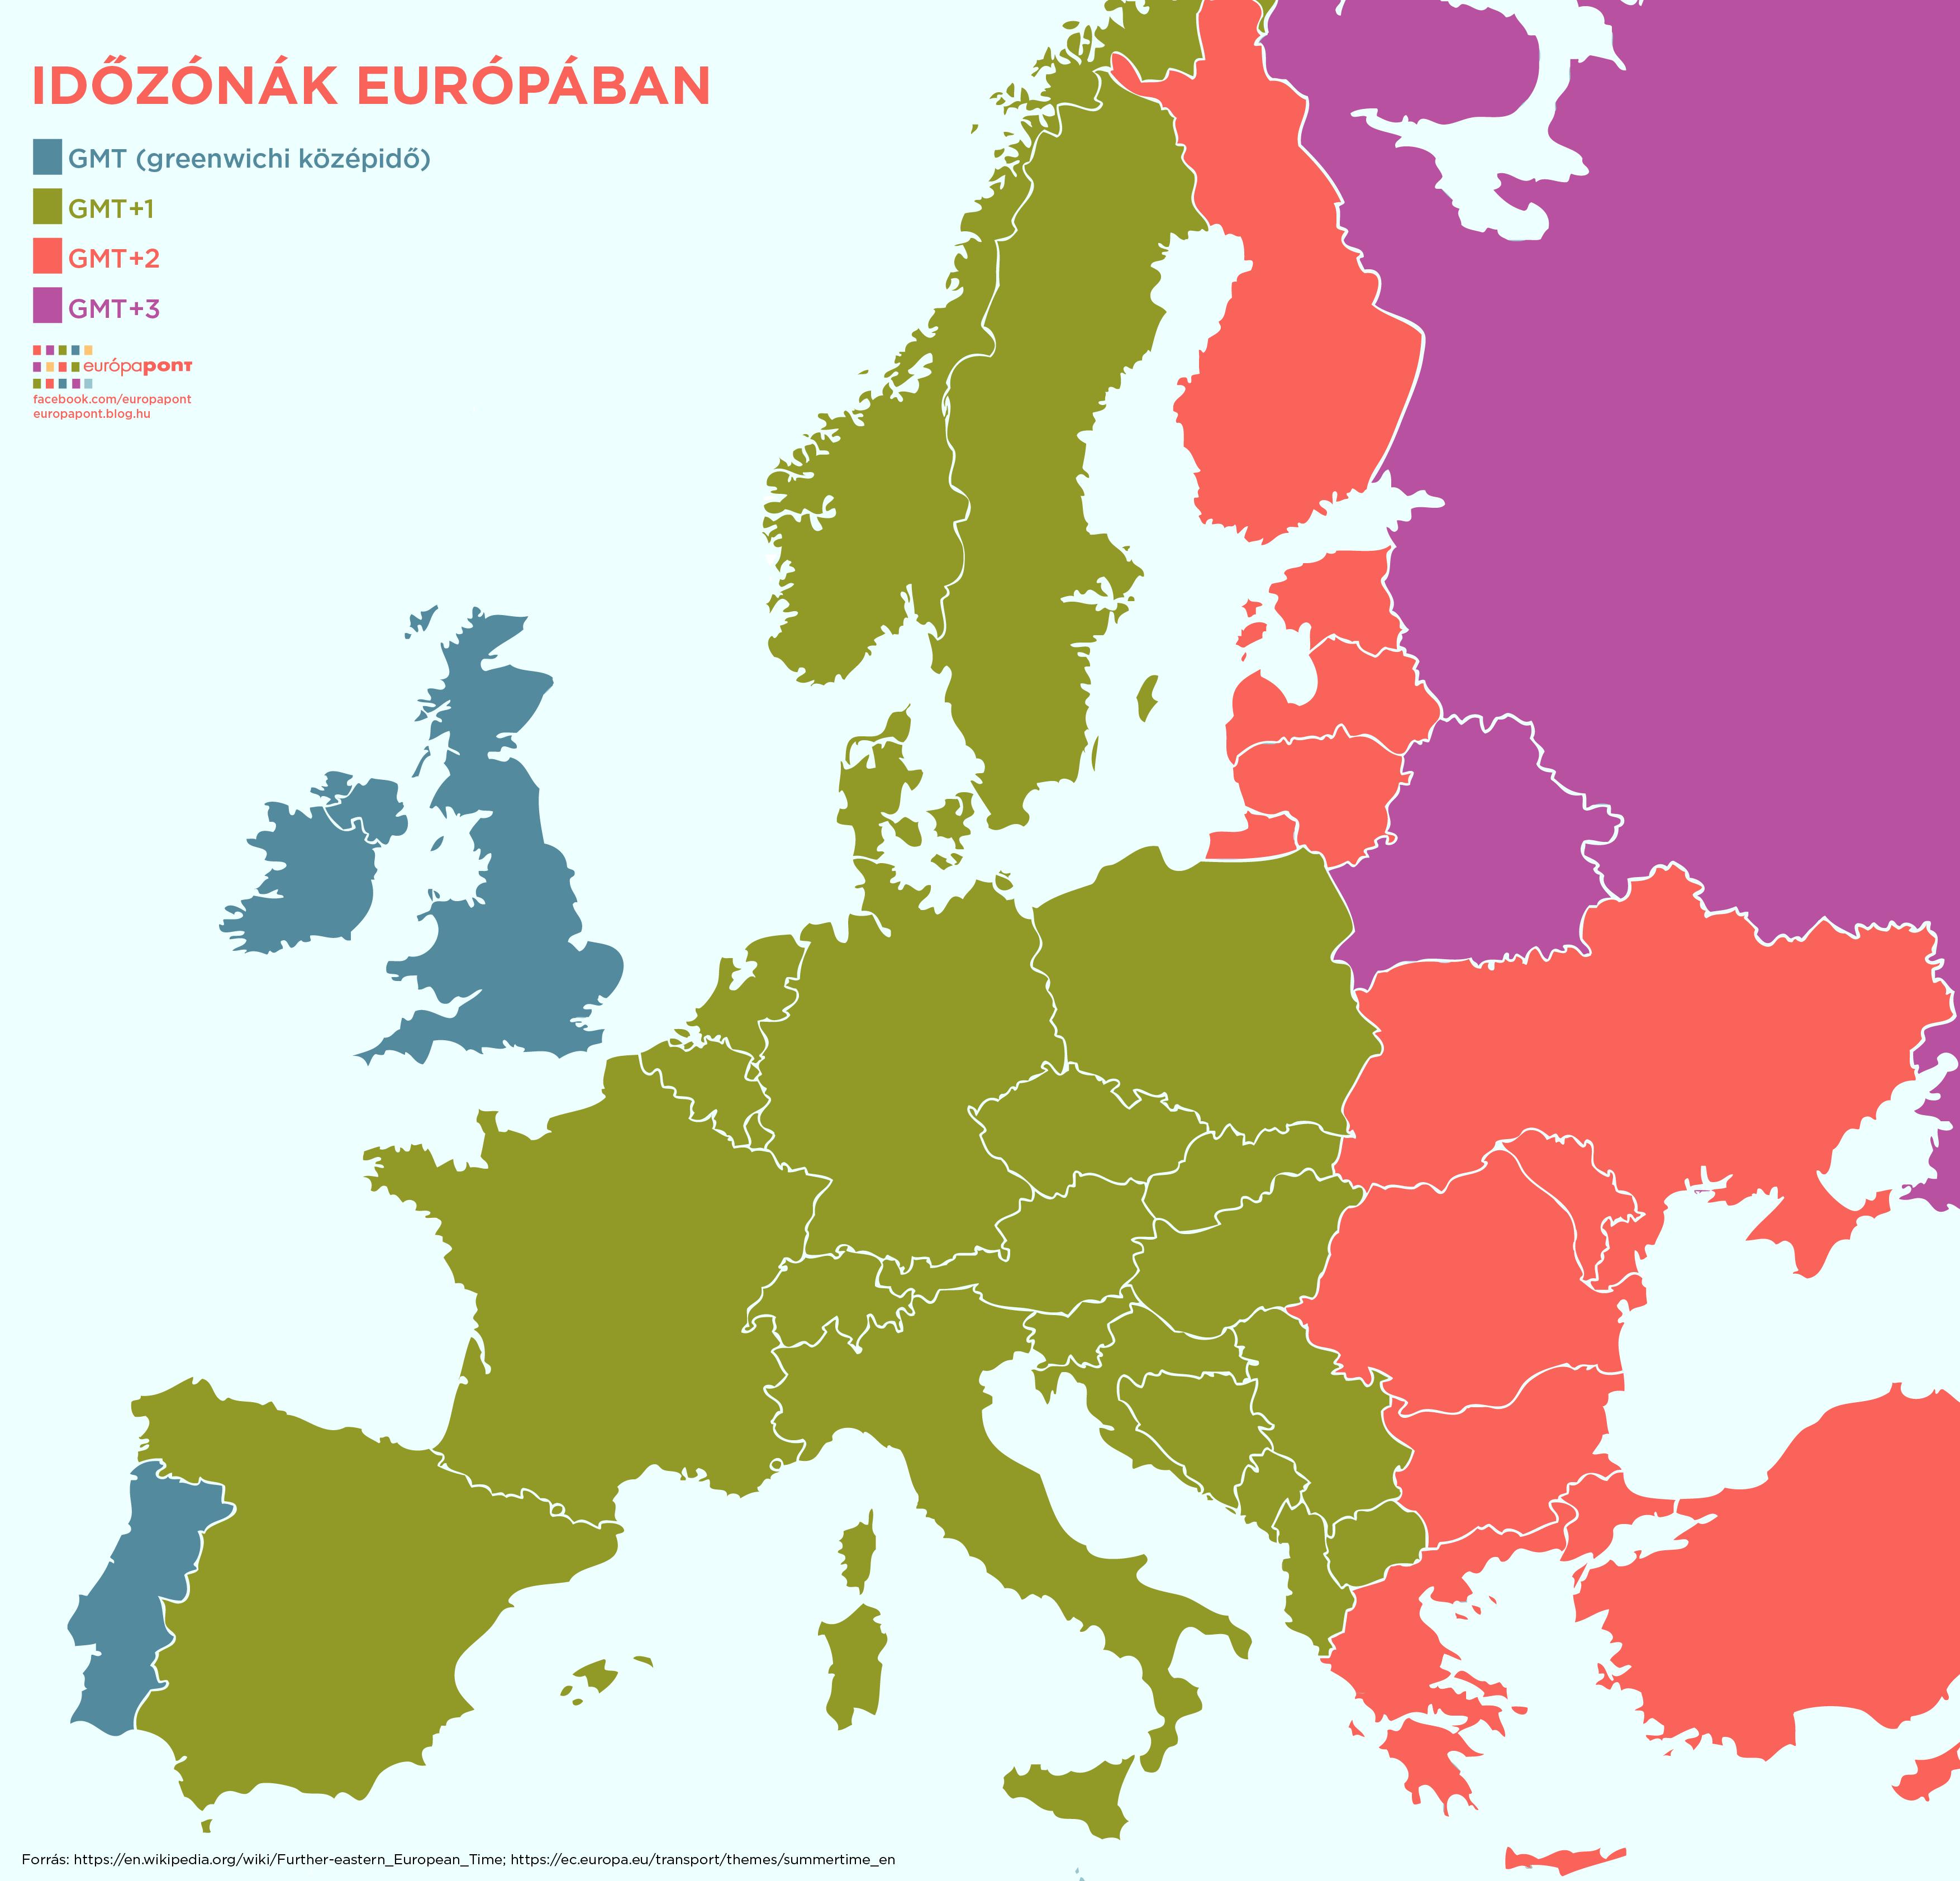 europa_idozonak.png